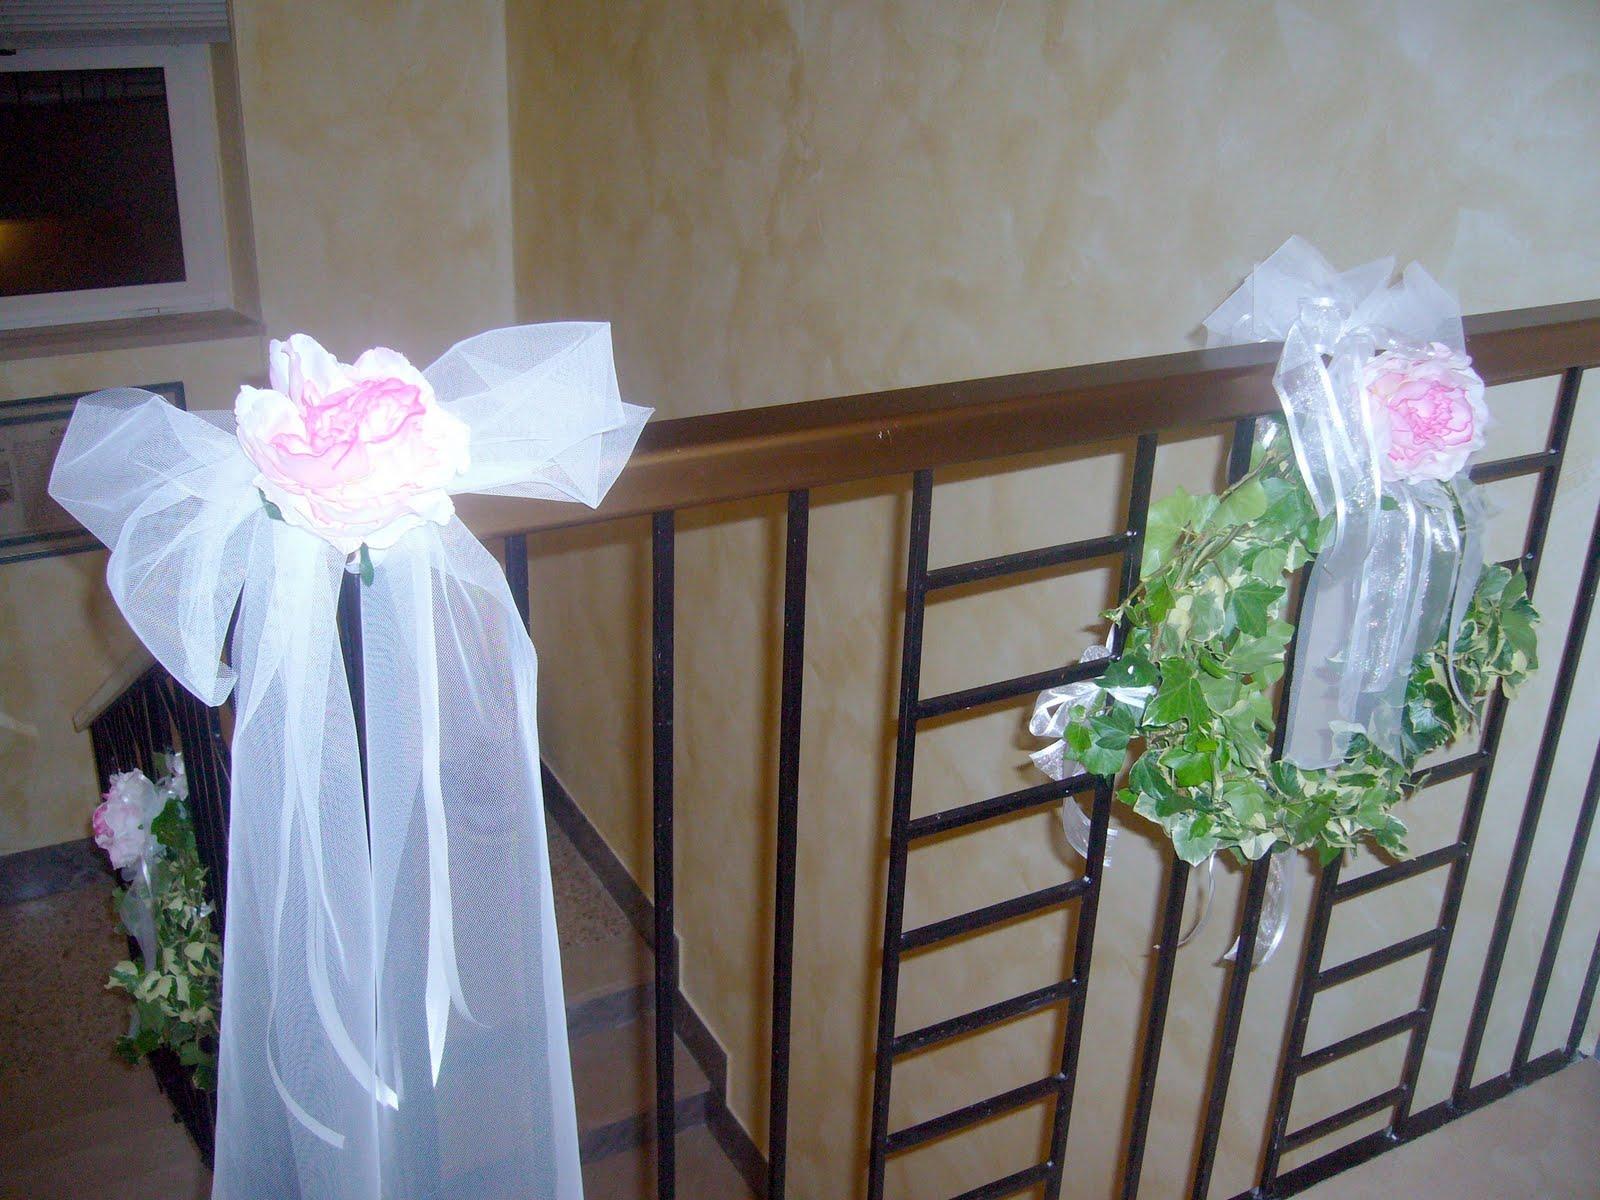 Rosa merliza maggio 2011 - Come addobbare la casa della sposa il giorno del matrimonio ...